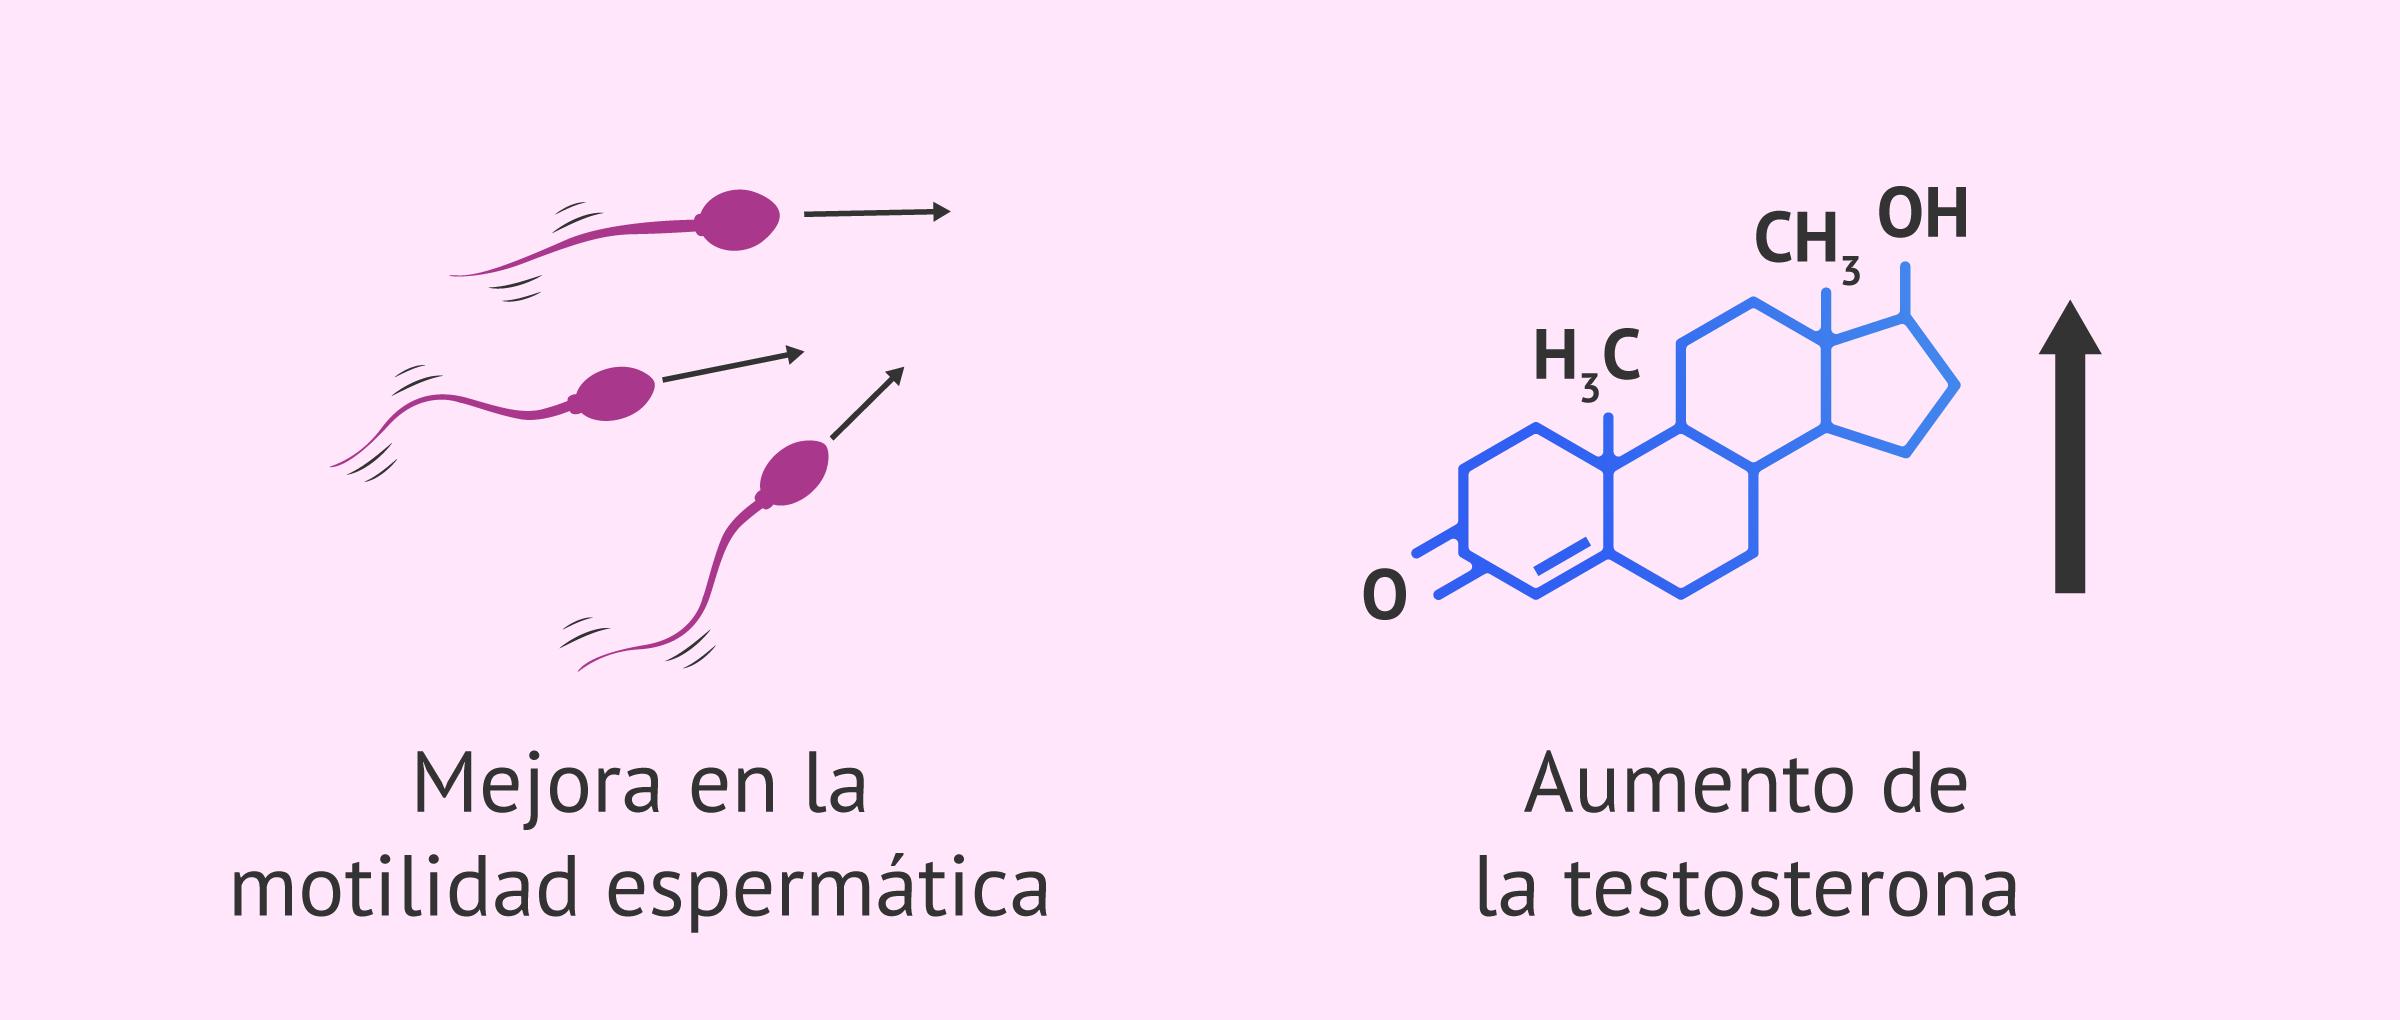 Efectos vitamina D en fertilidad masculina